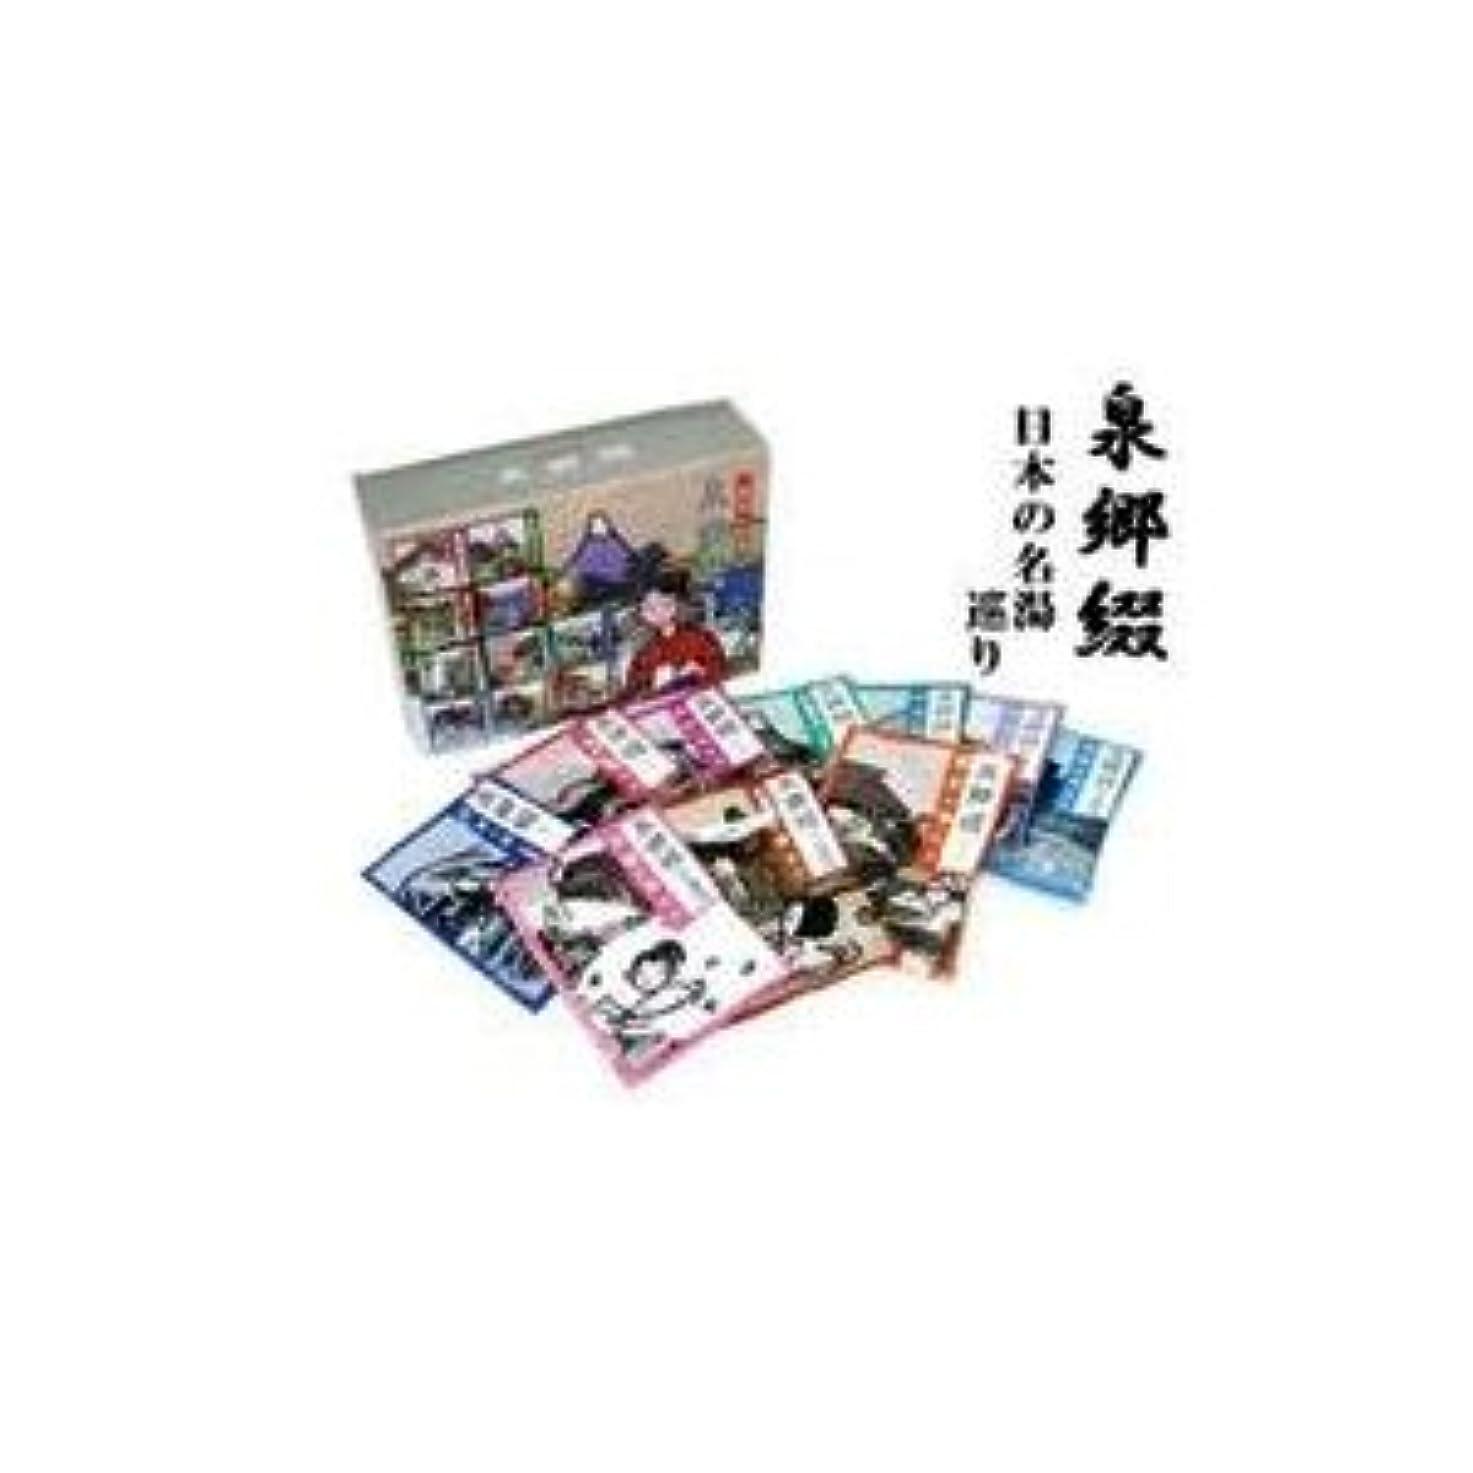 確立しますり中級入浴剤 泉郷綴<日本の名湯巡り>(10包入り)日本を代表する温泉10ヶ所の入浴剤(10セット)